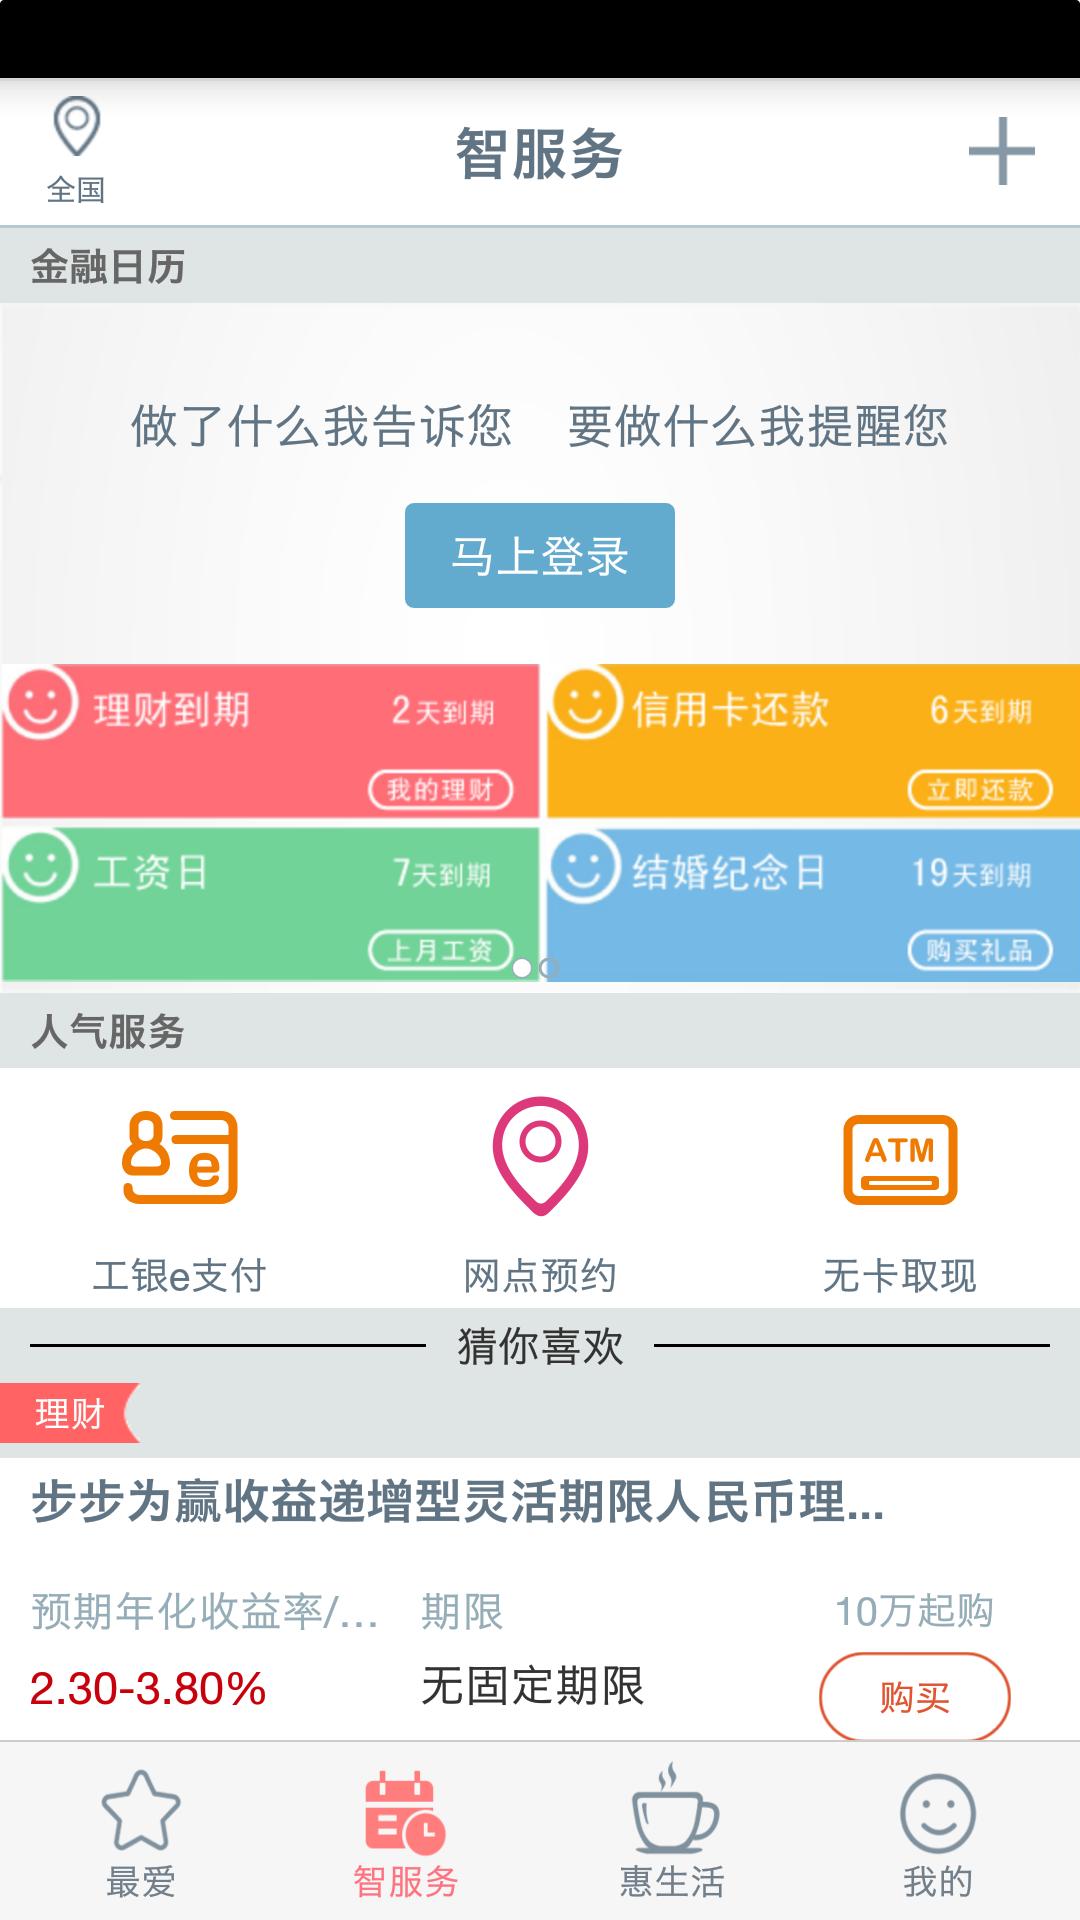 中国工商银行手机银行下载app客户端  v3.1.0.4.0图4